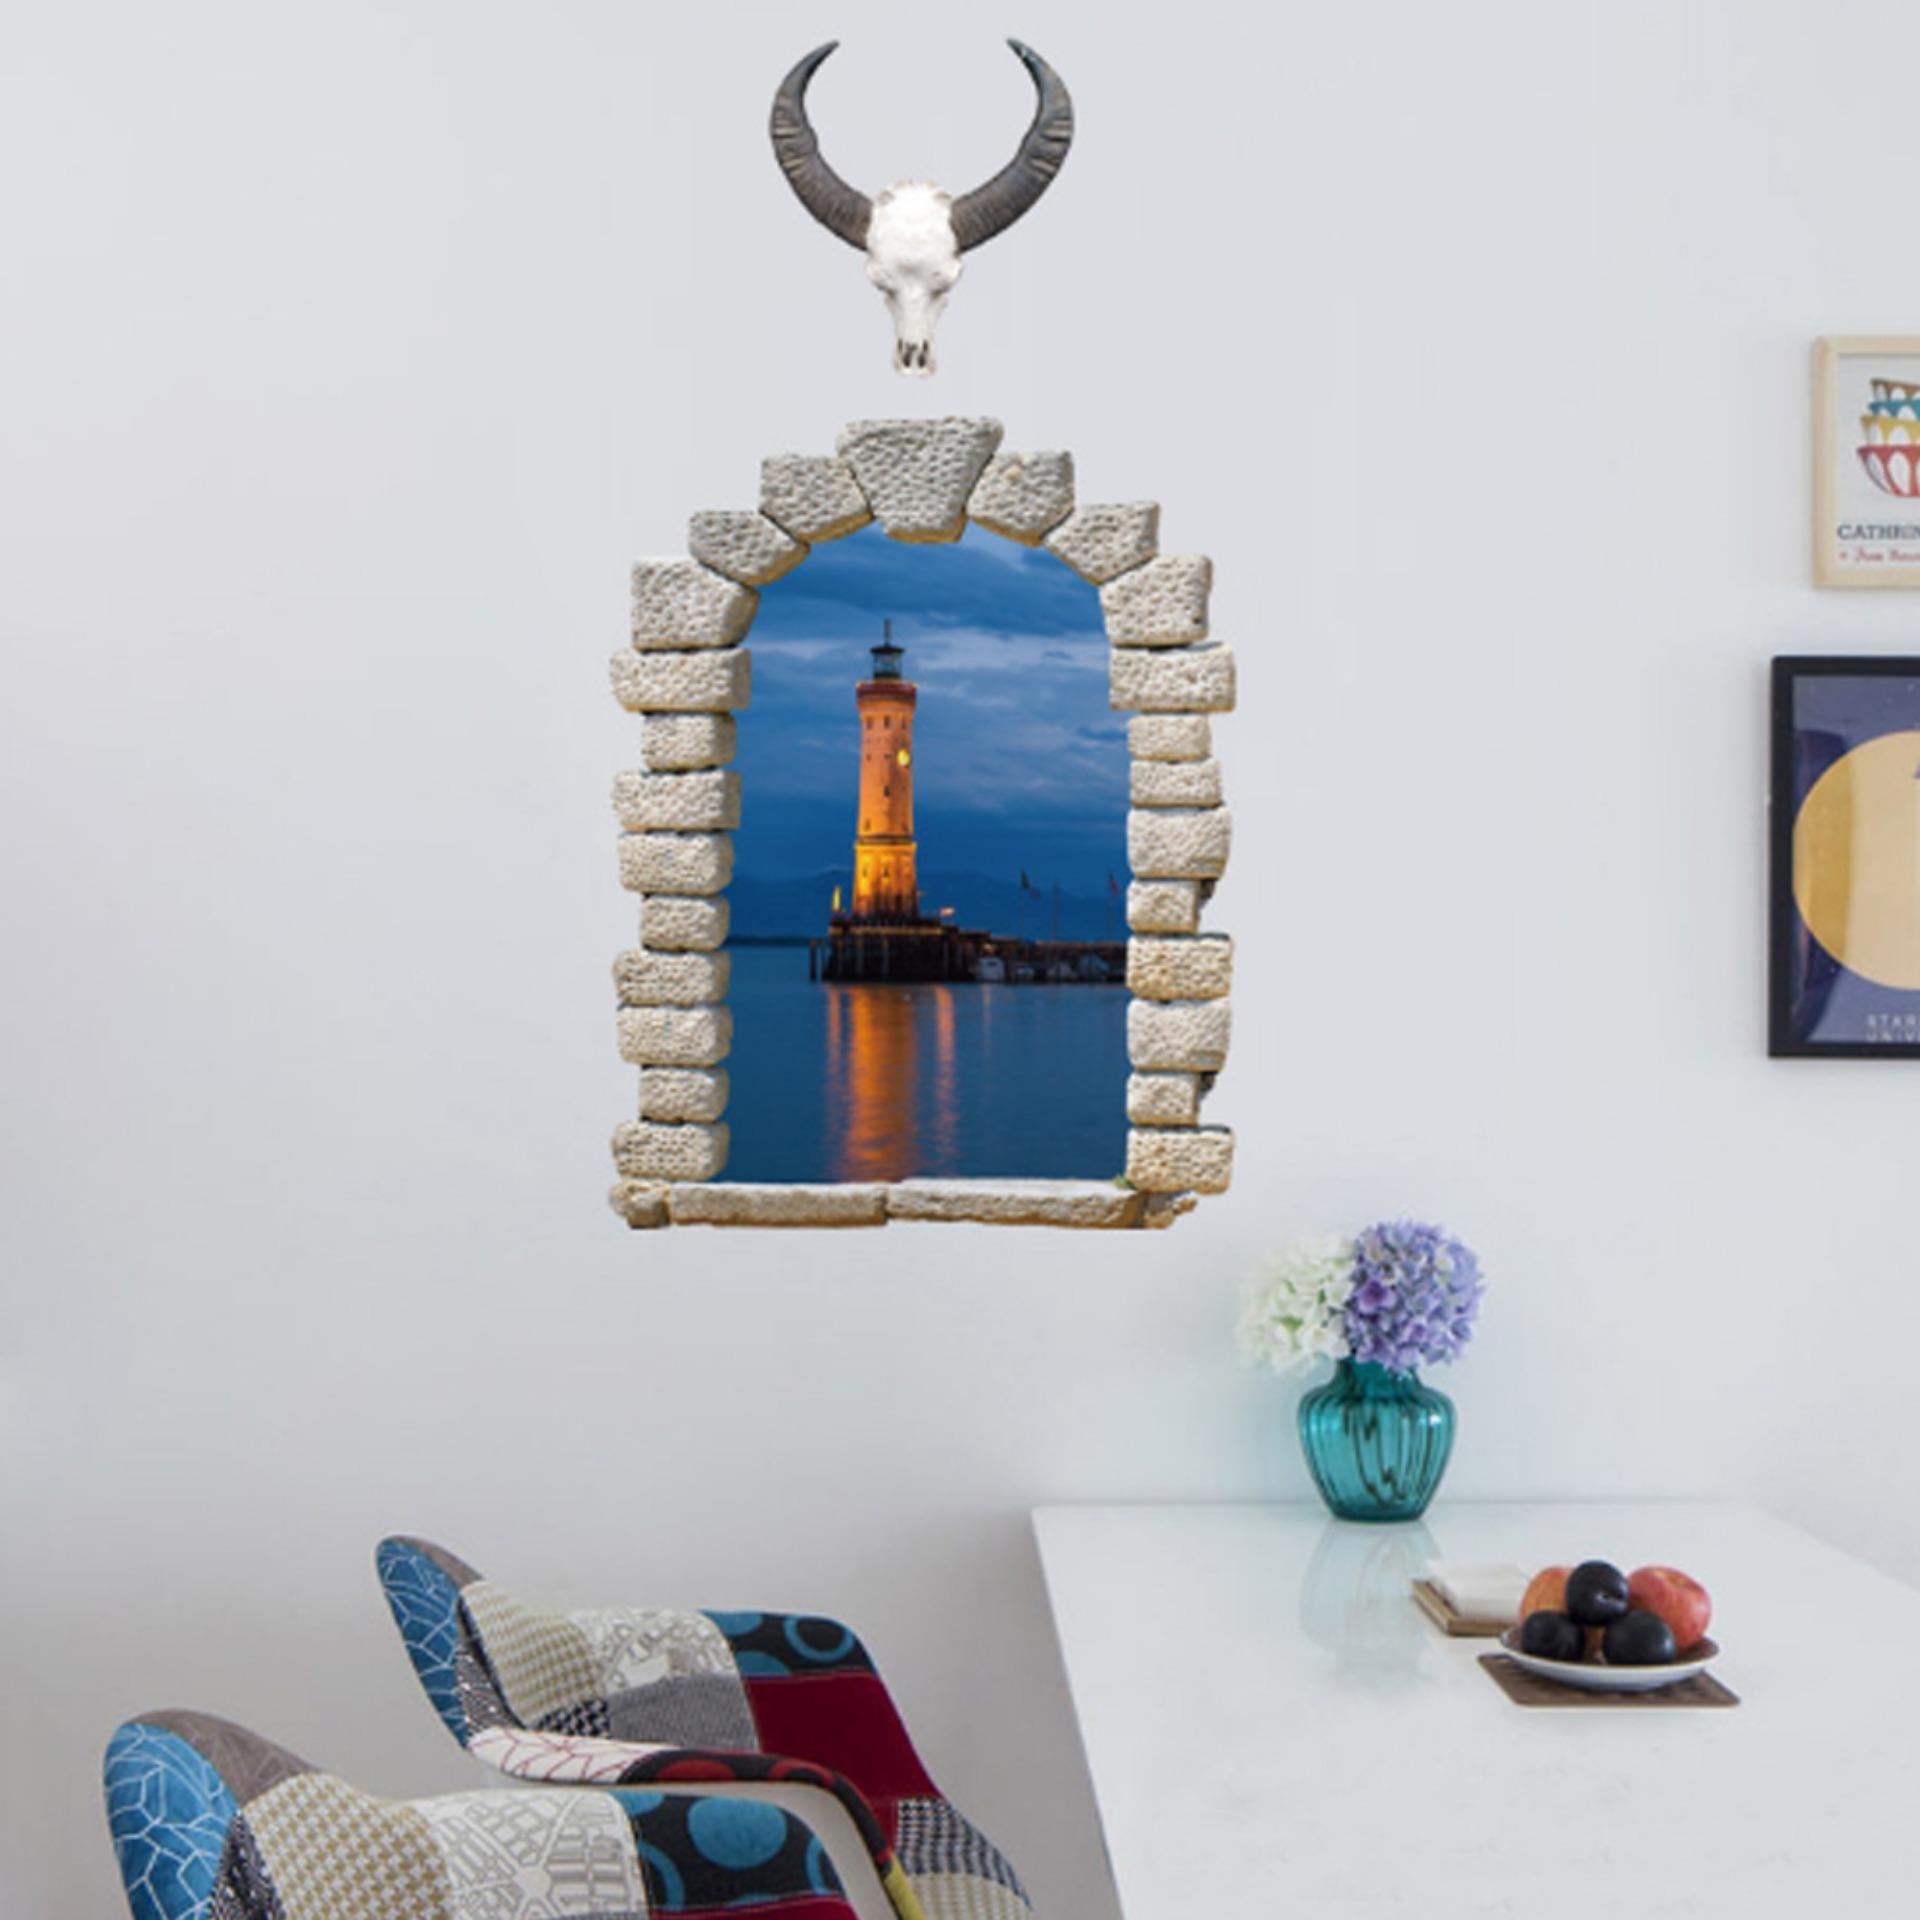 3D Andscape Fake Window Cordela Lampu Dinding Stiker Decal Rumah Dekorasi PVC Mural Wallpaper House Art Gambar Ruang Tamu Senior Dewasa Remaja Anak-anak Kamar Tidur Dekorasi-Intl